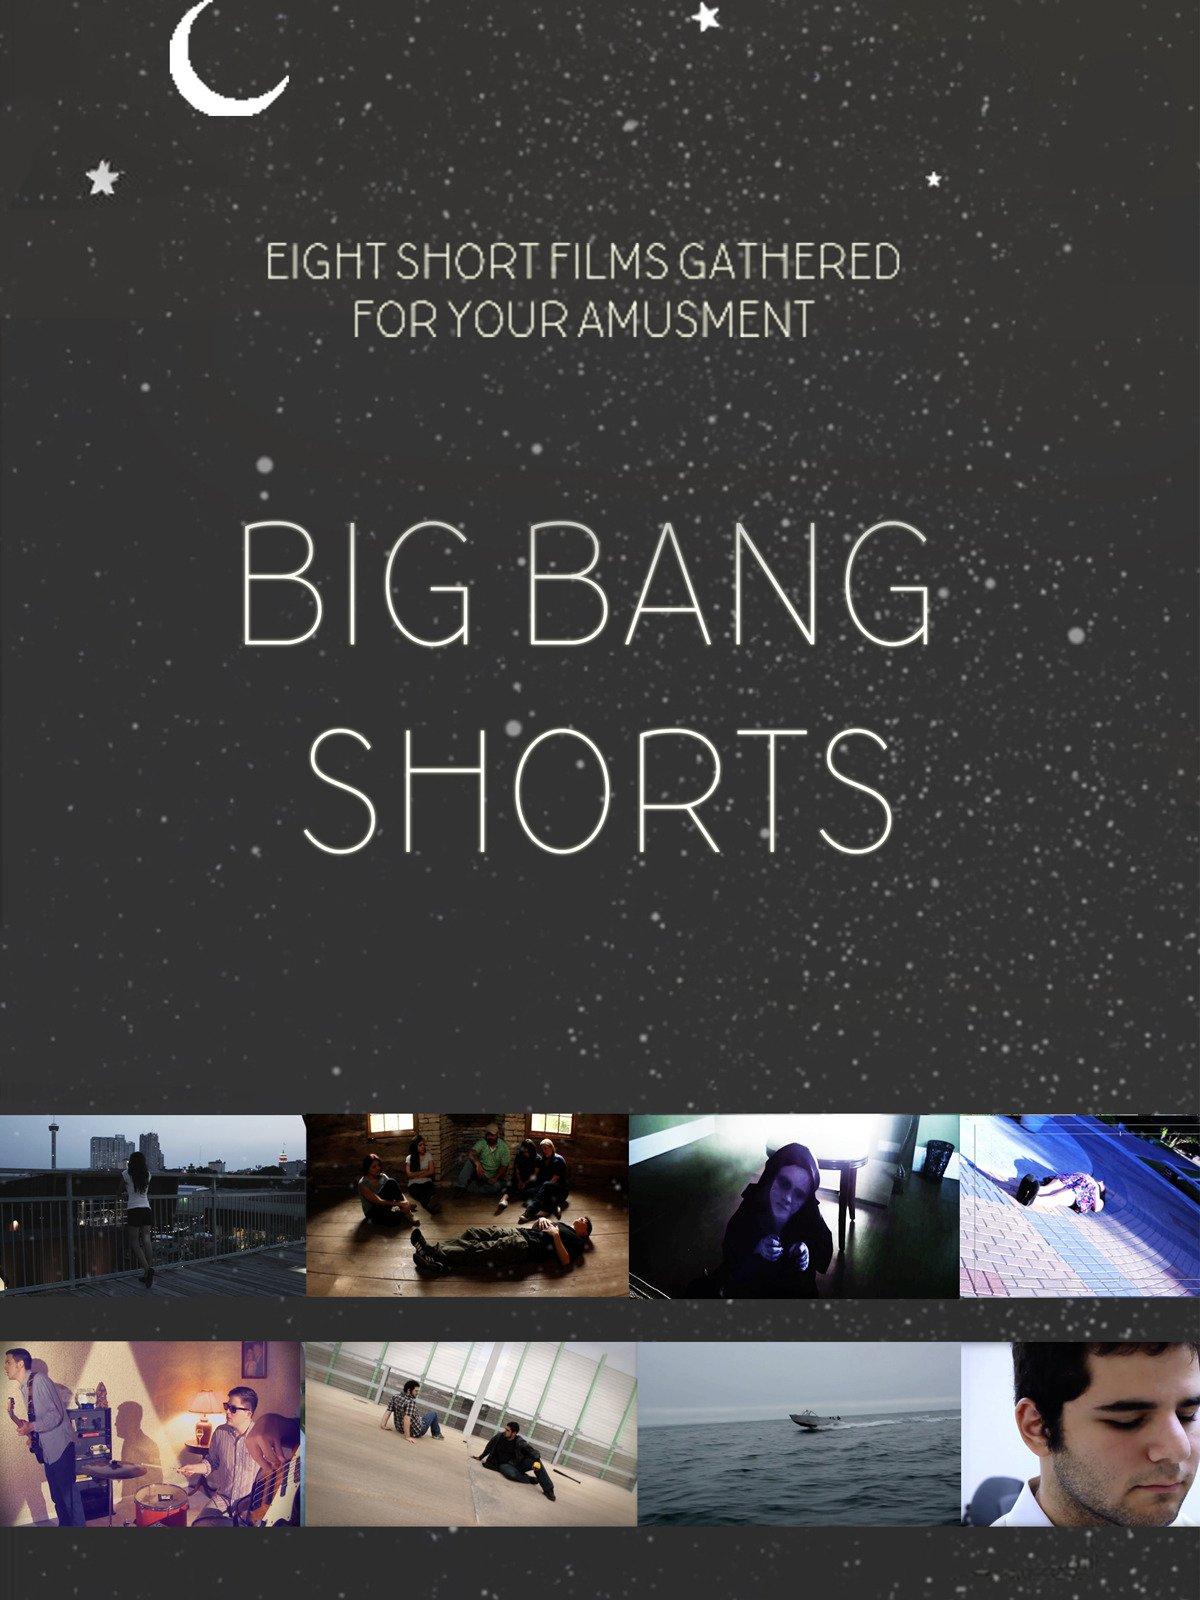 Big Bang Shorts